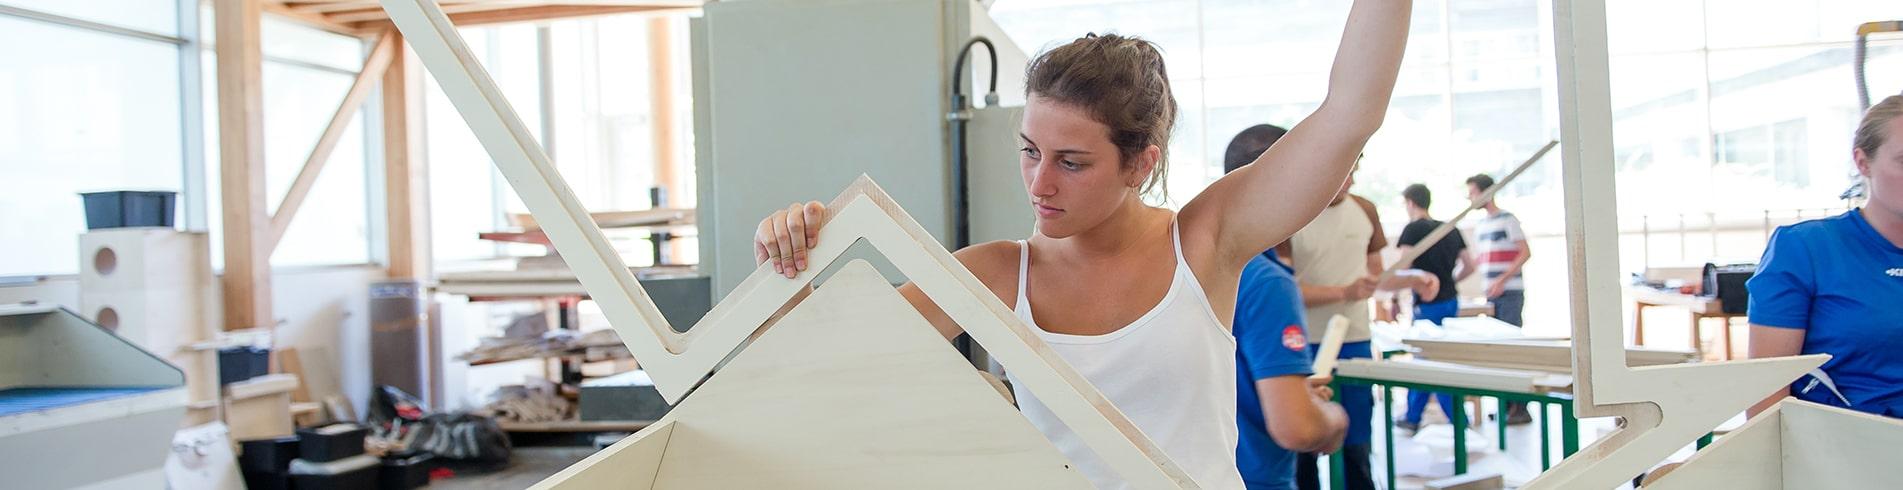 étudiante qui monte une structure en bois